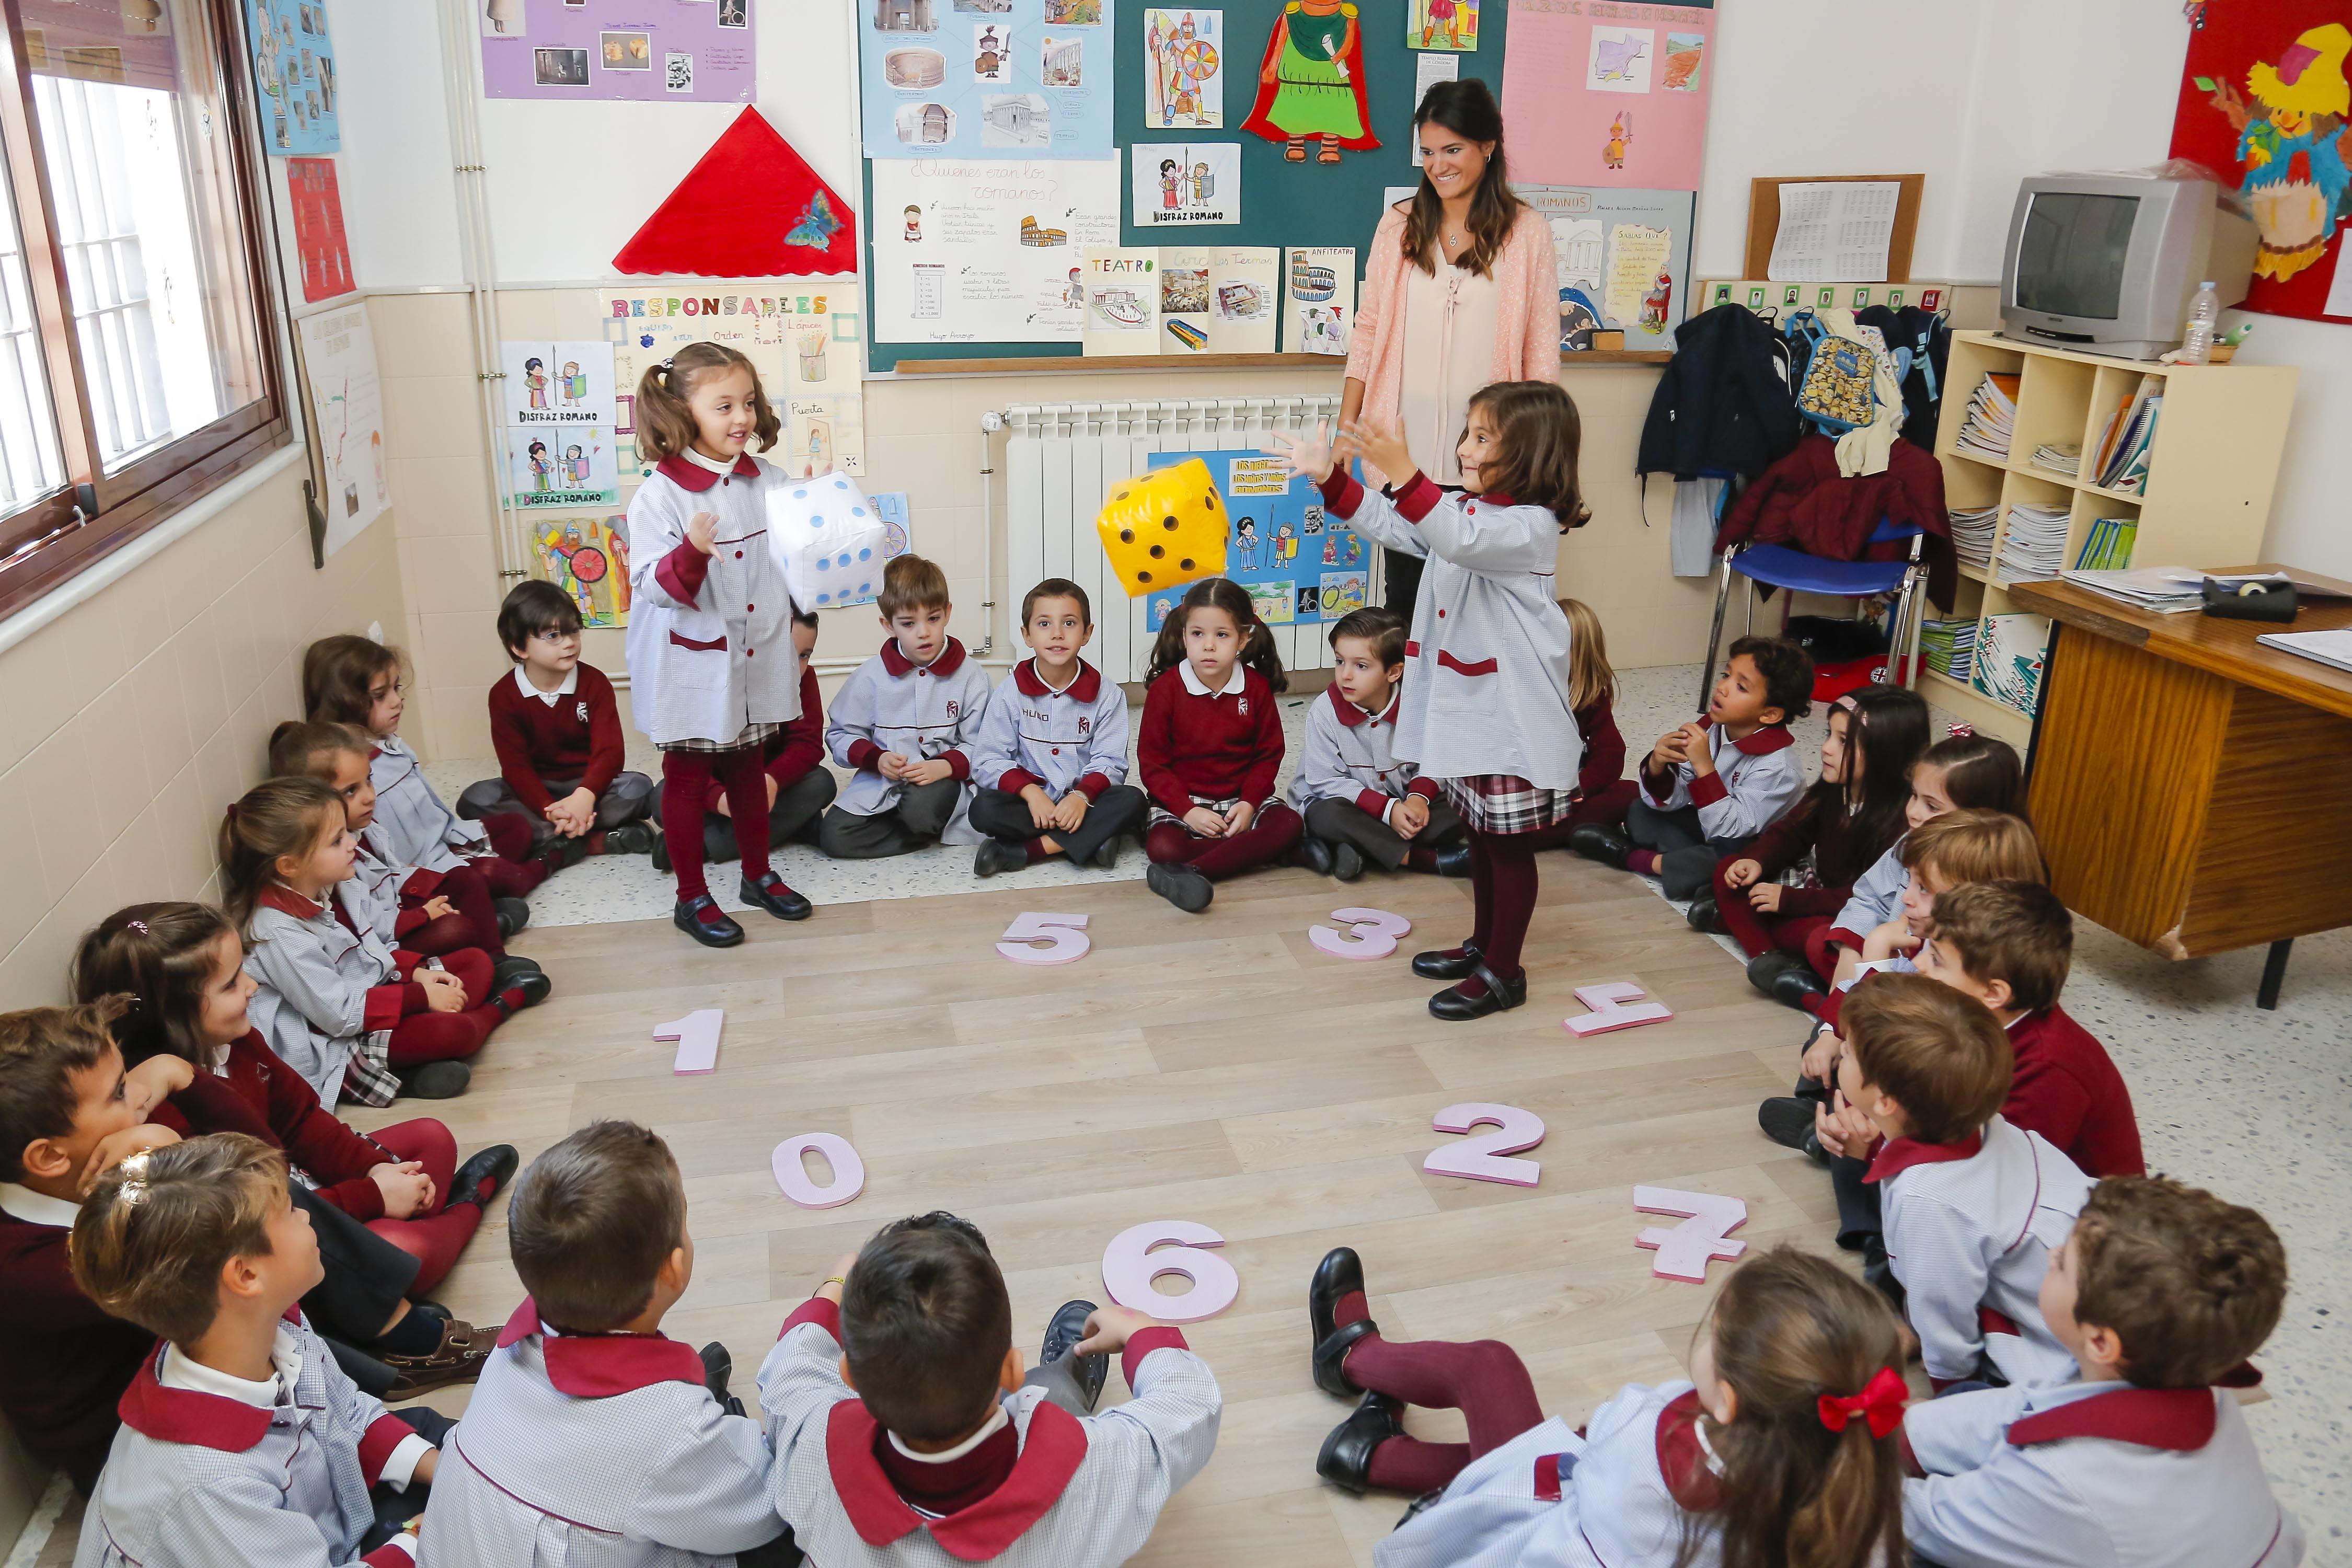 slider 3 - educacion infantil 3